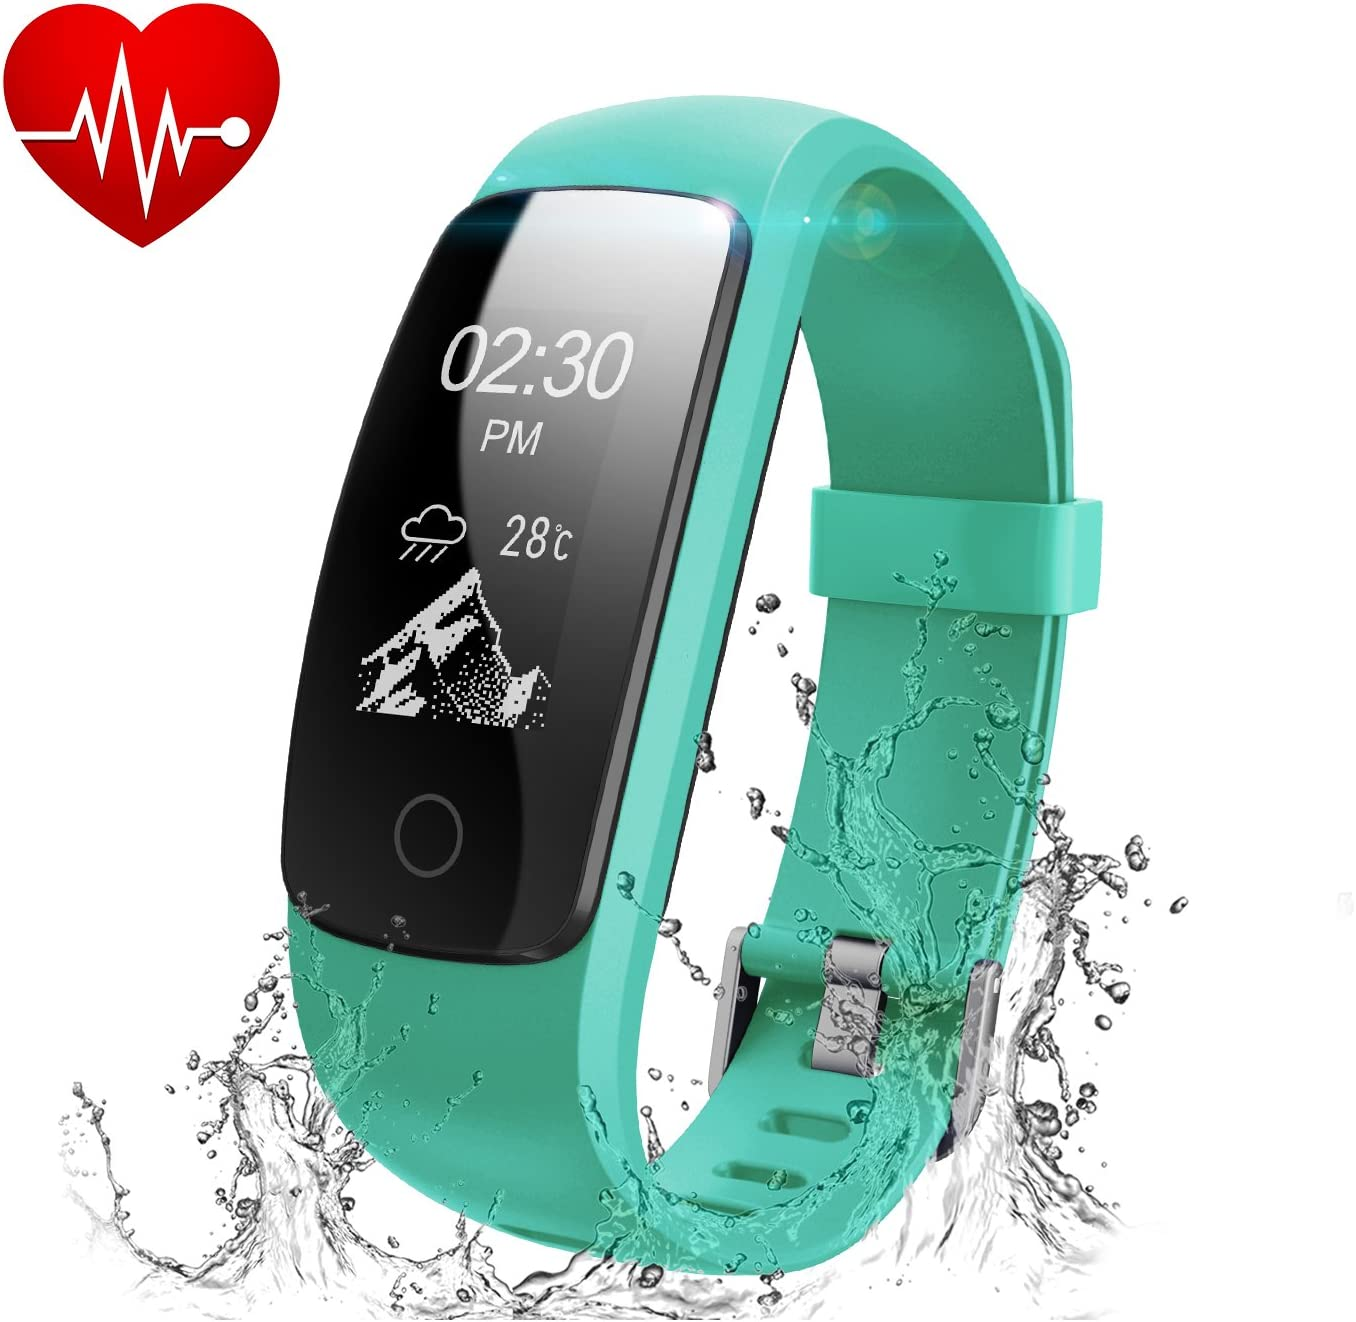 Runme Activity Tracker con Cardiofrequenzimetro, Bracciale Collegato Bluetooth 4,0 Braccialetto, Monitoraggio Battito Cardiaco, Pedometro, Sleep Tracker, Braccialetto per Fitness per Cellulare iOS/Android